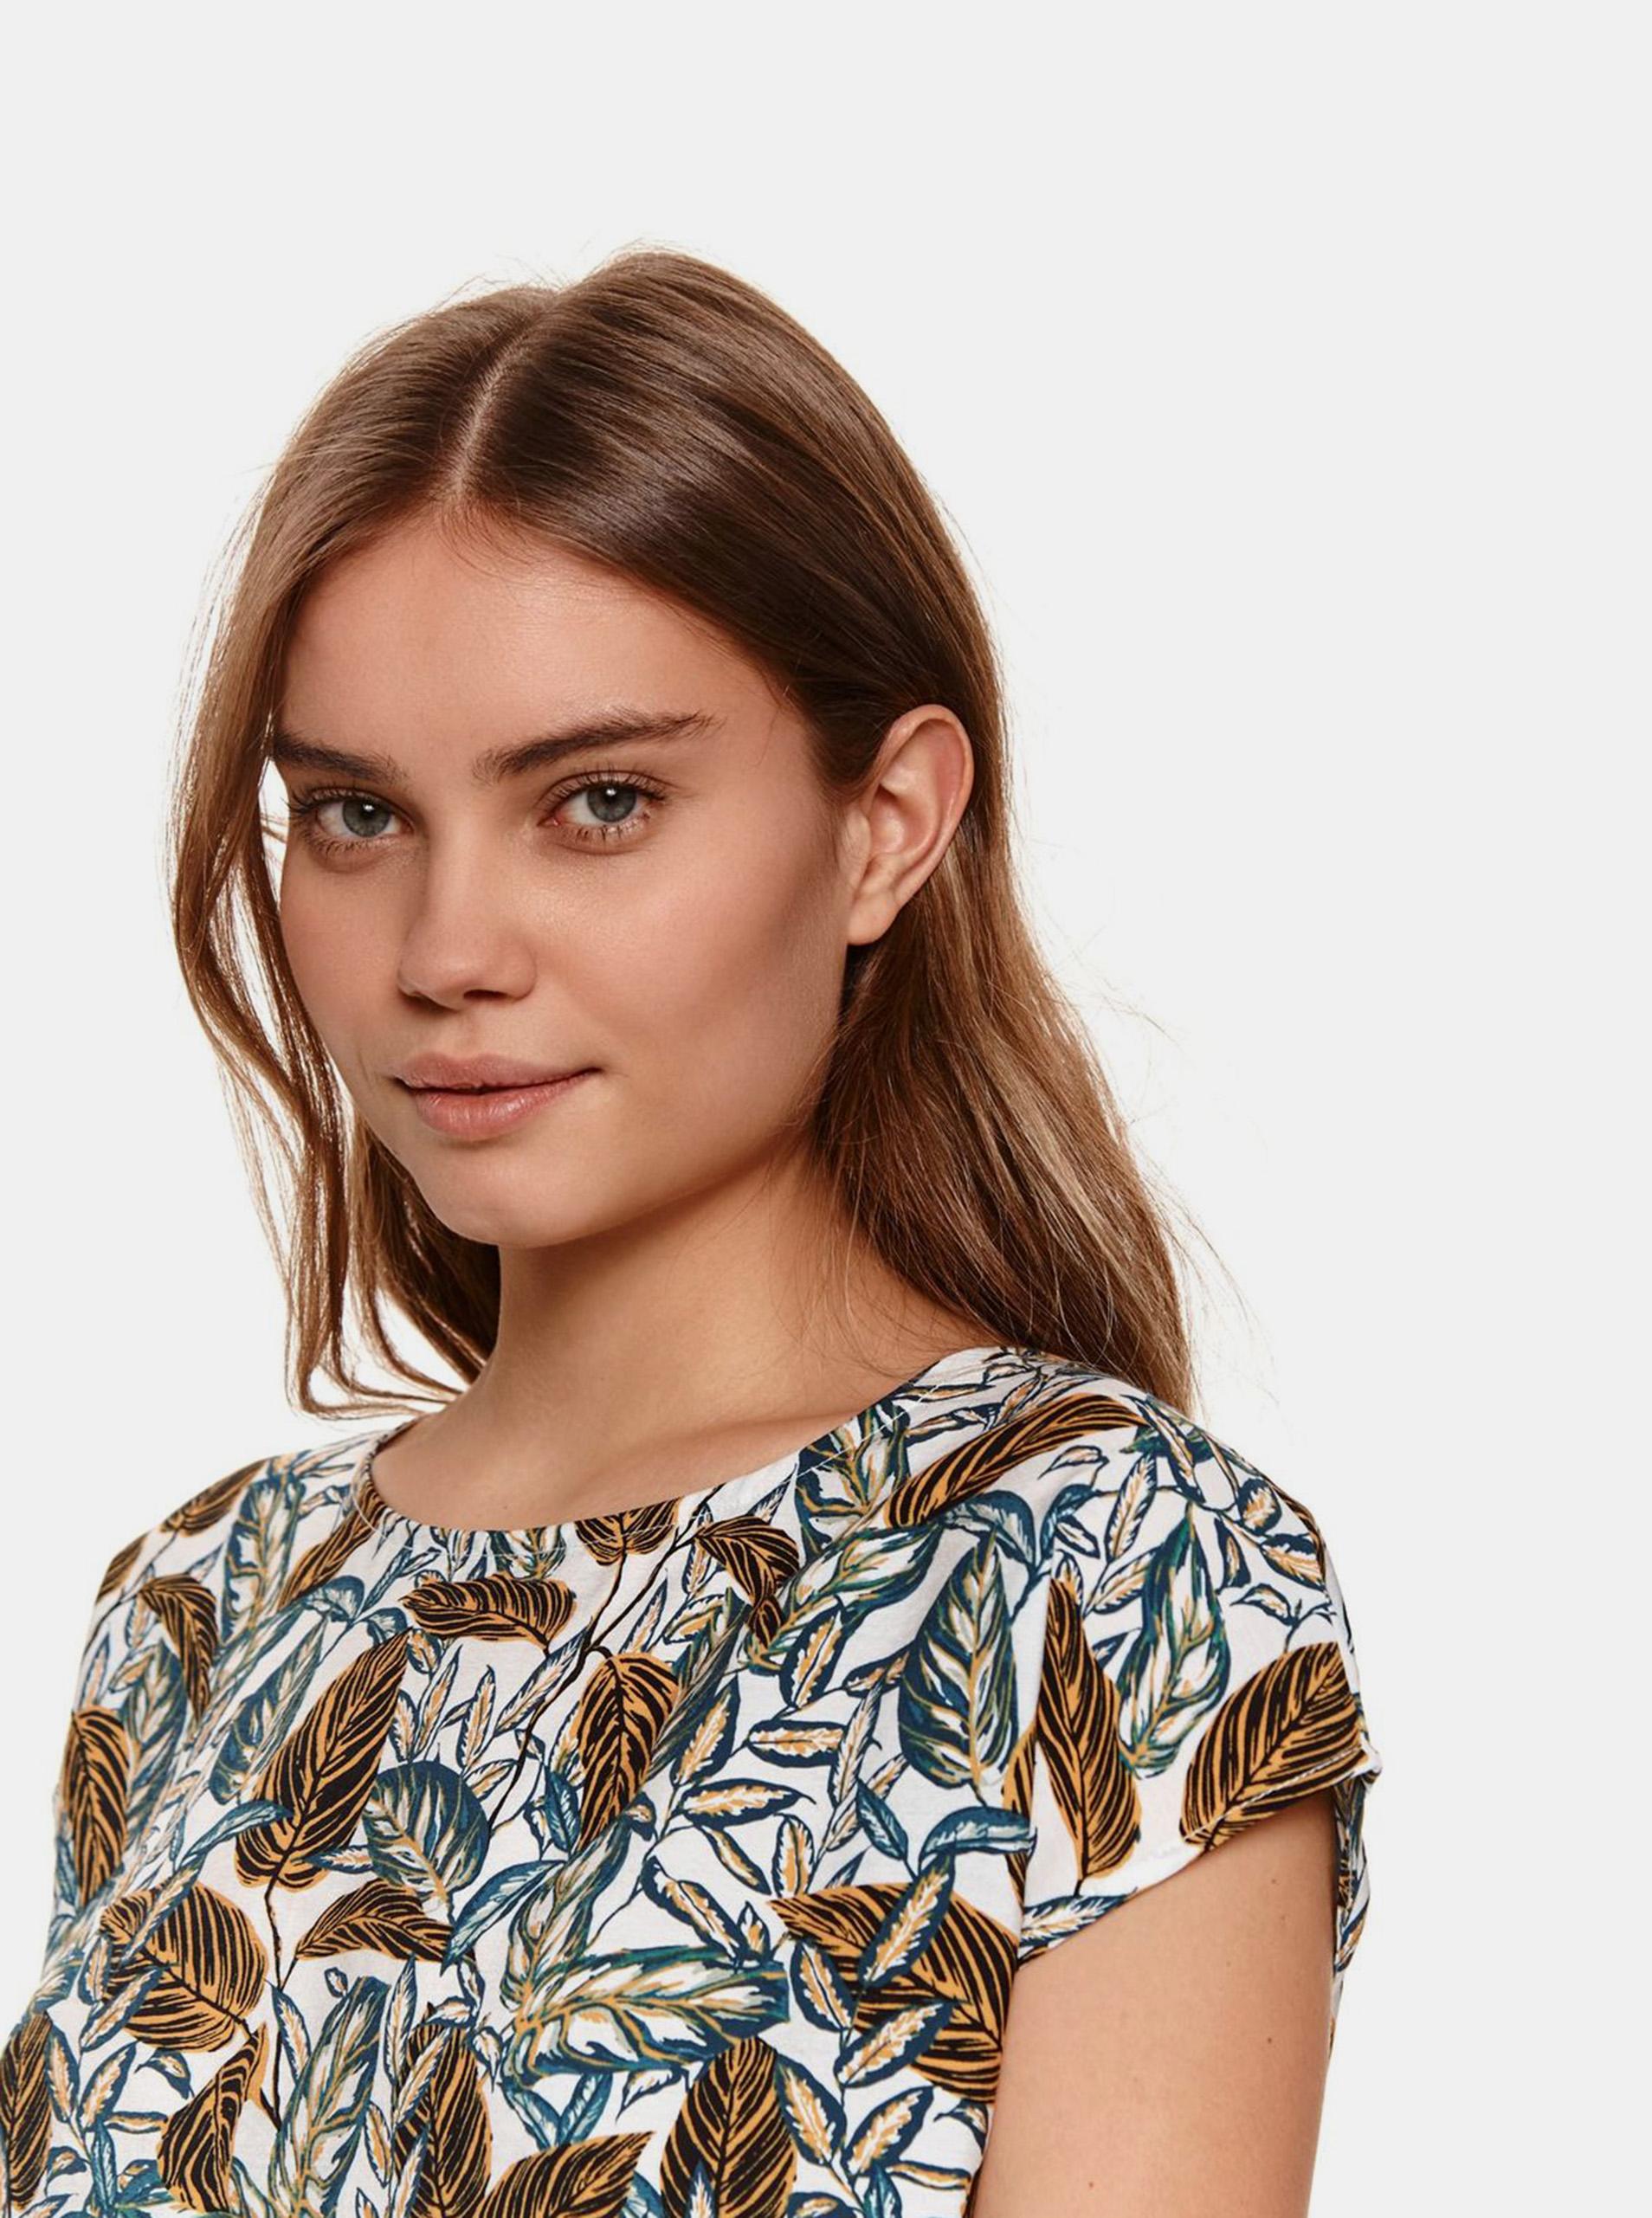 TOP SECRET biały damska koszulka z wzorem